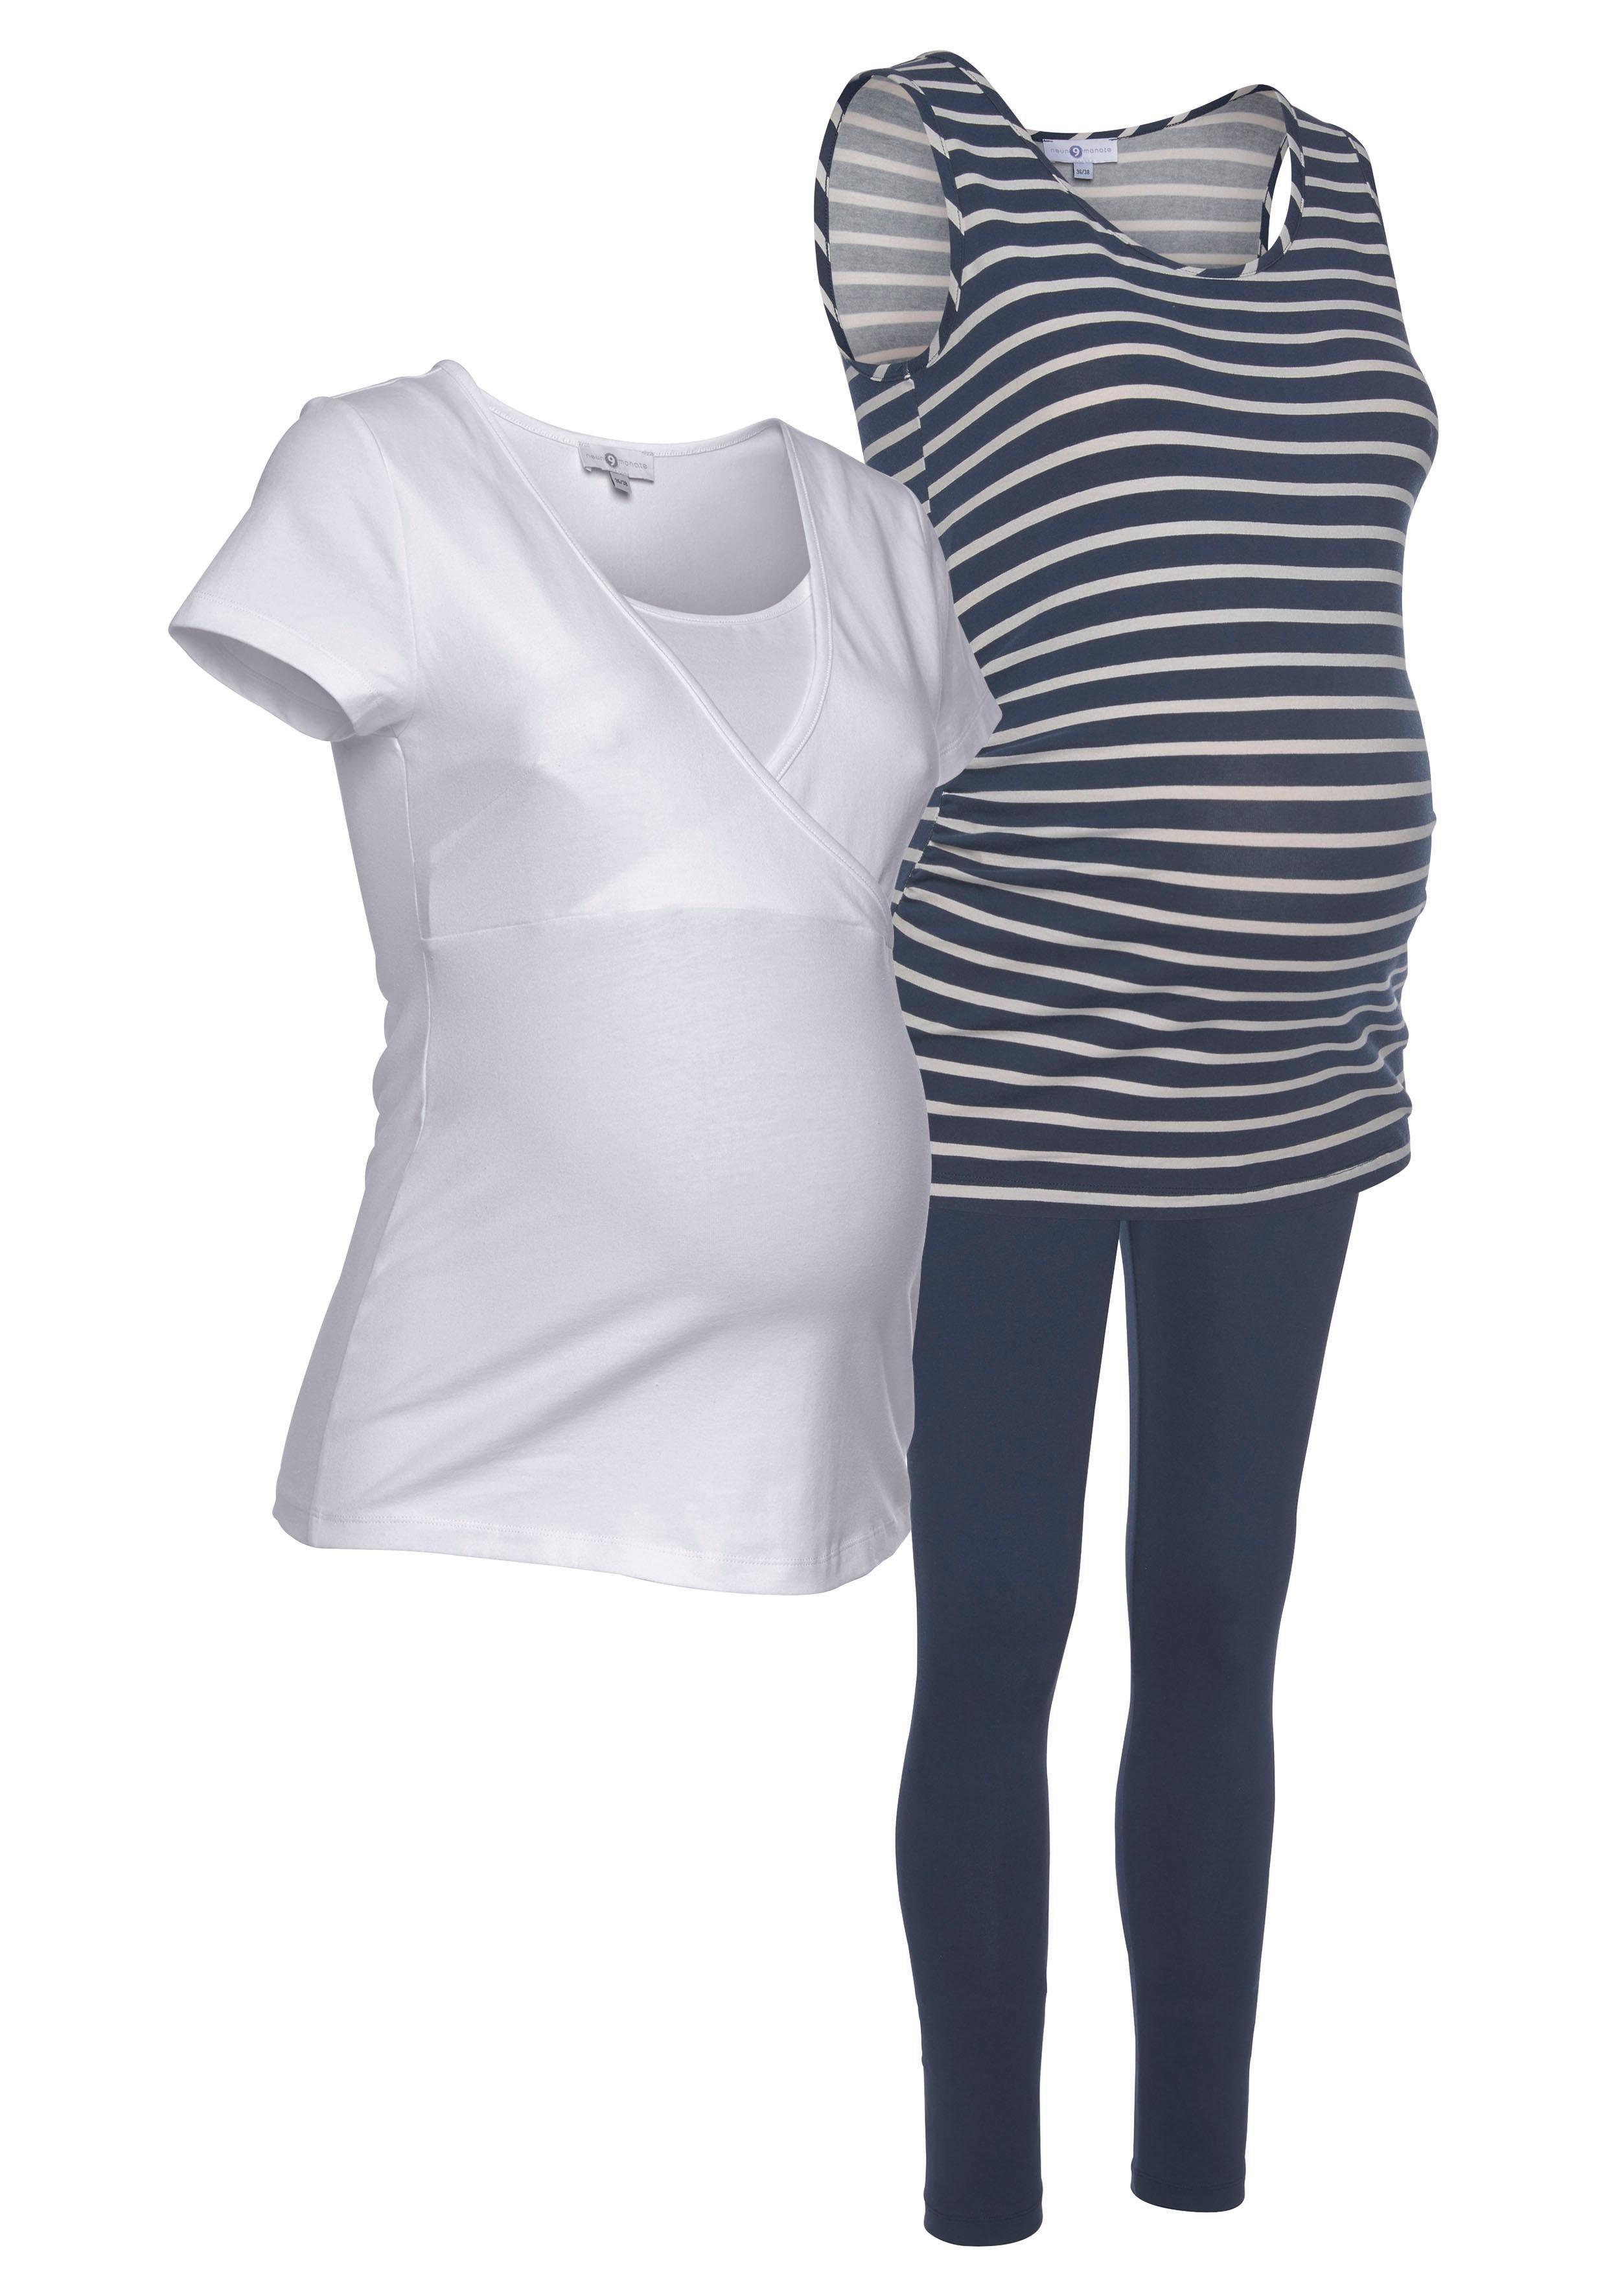 Neun Monate Umstands-Set (Set) Damenmode/Bekleidung/Umstandsmode/Umstandsshirts/T-Shirts